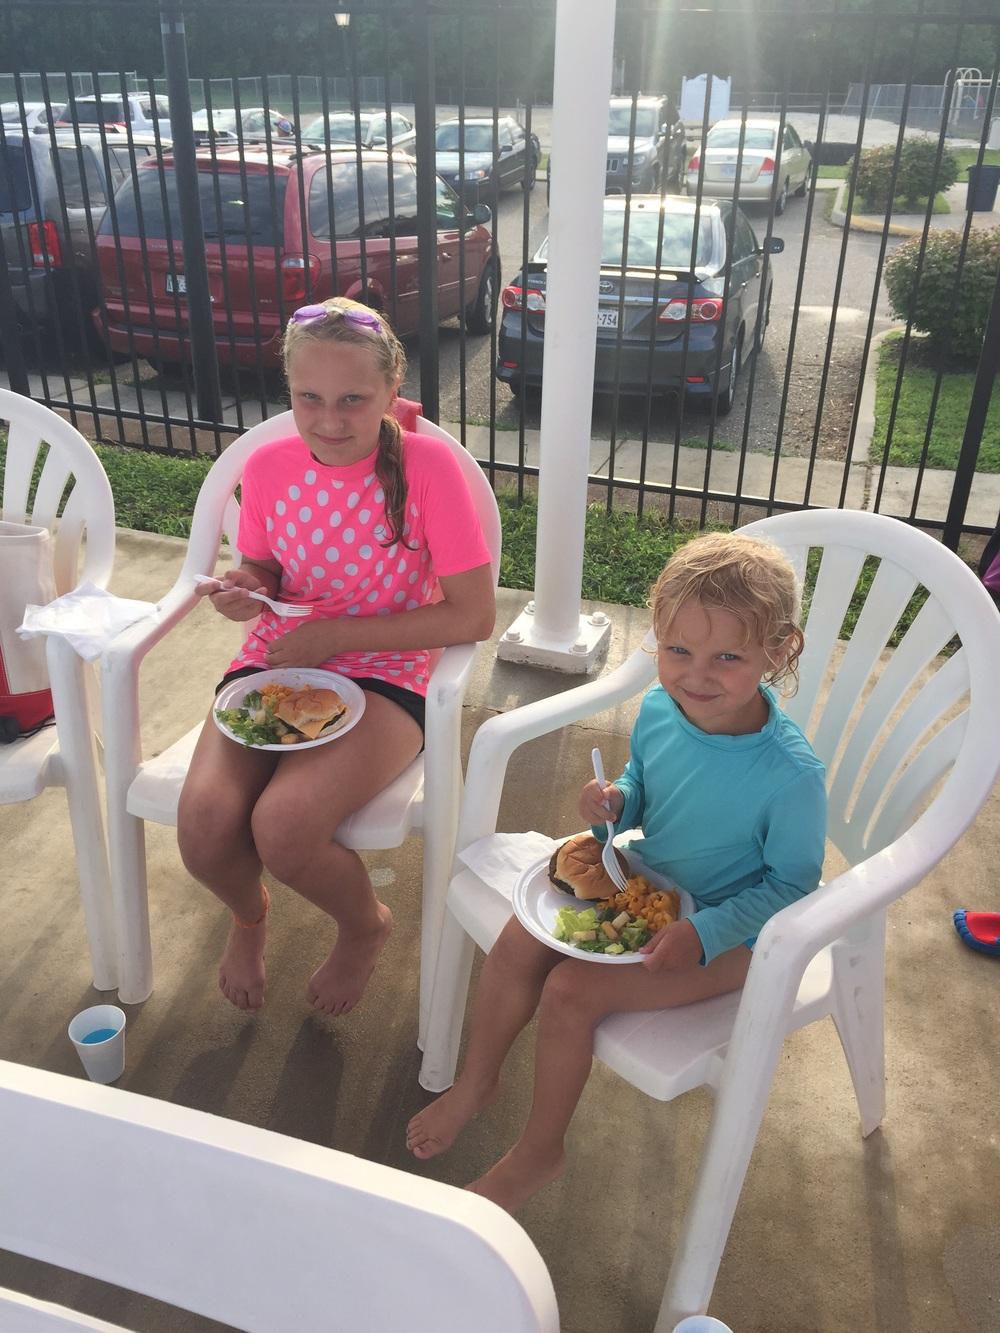 The girls, having dinner